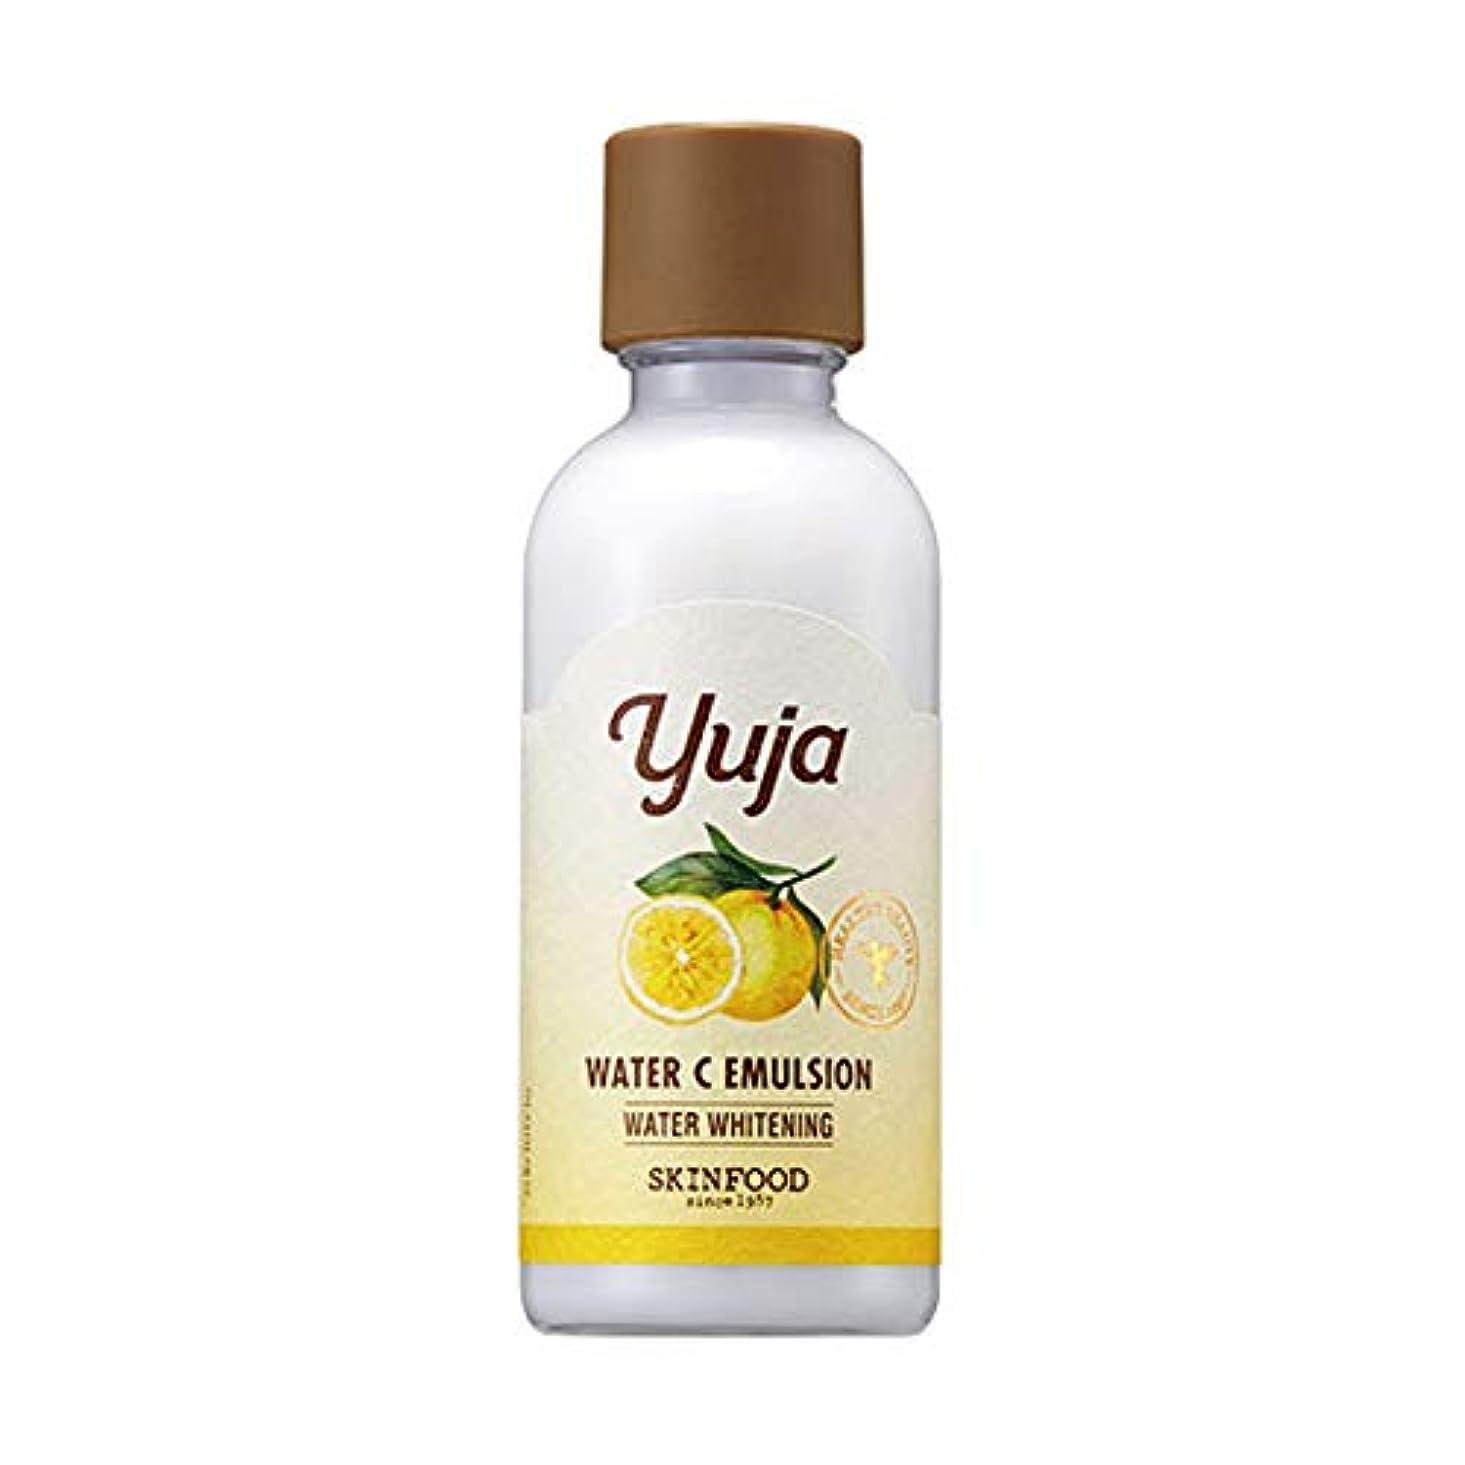 犯罪ギャップ官僚Skinfood Yuja Water Cエマルジョン/Yuja Water C Emulsion 160ml [並行輸入品]